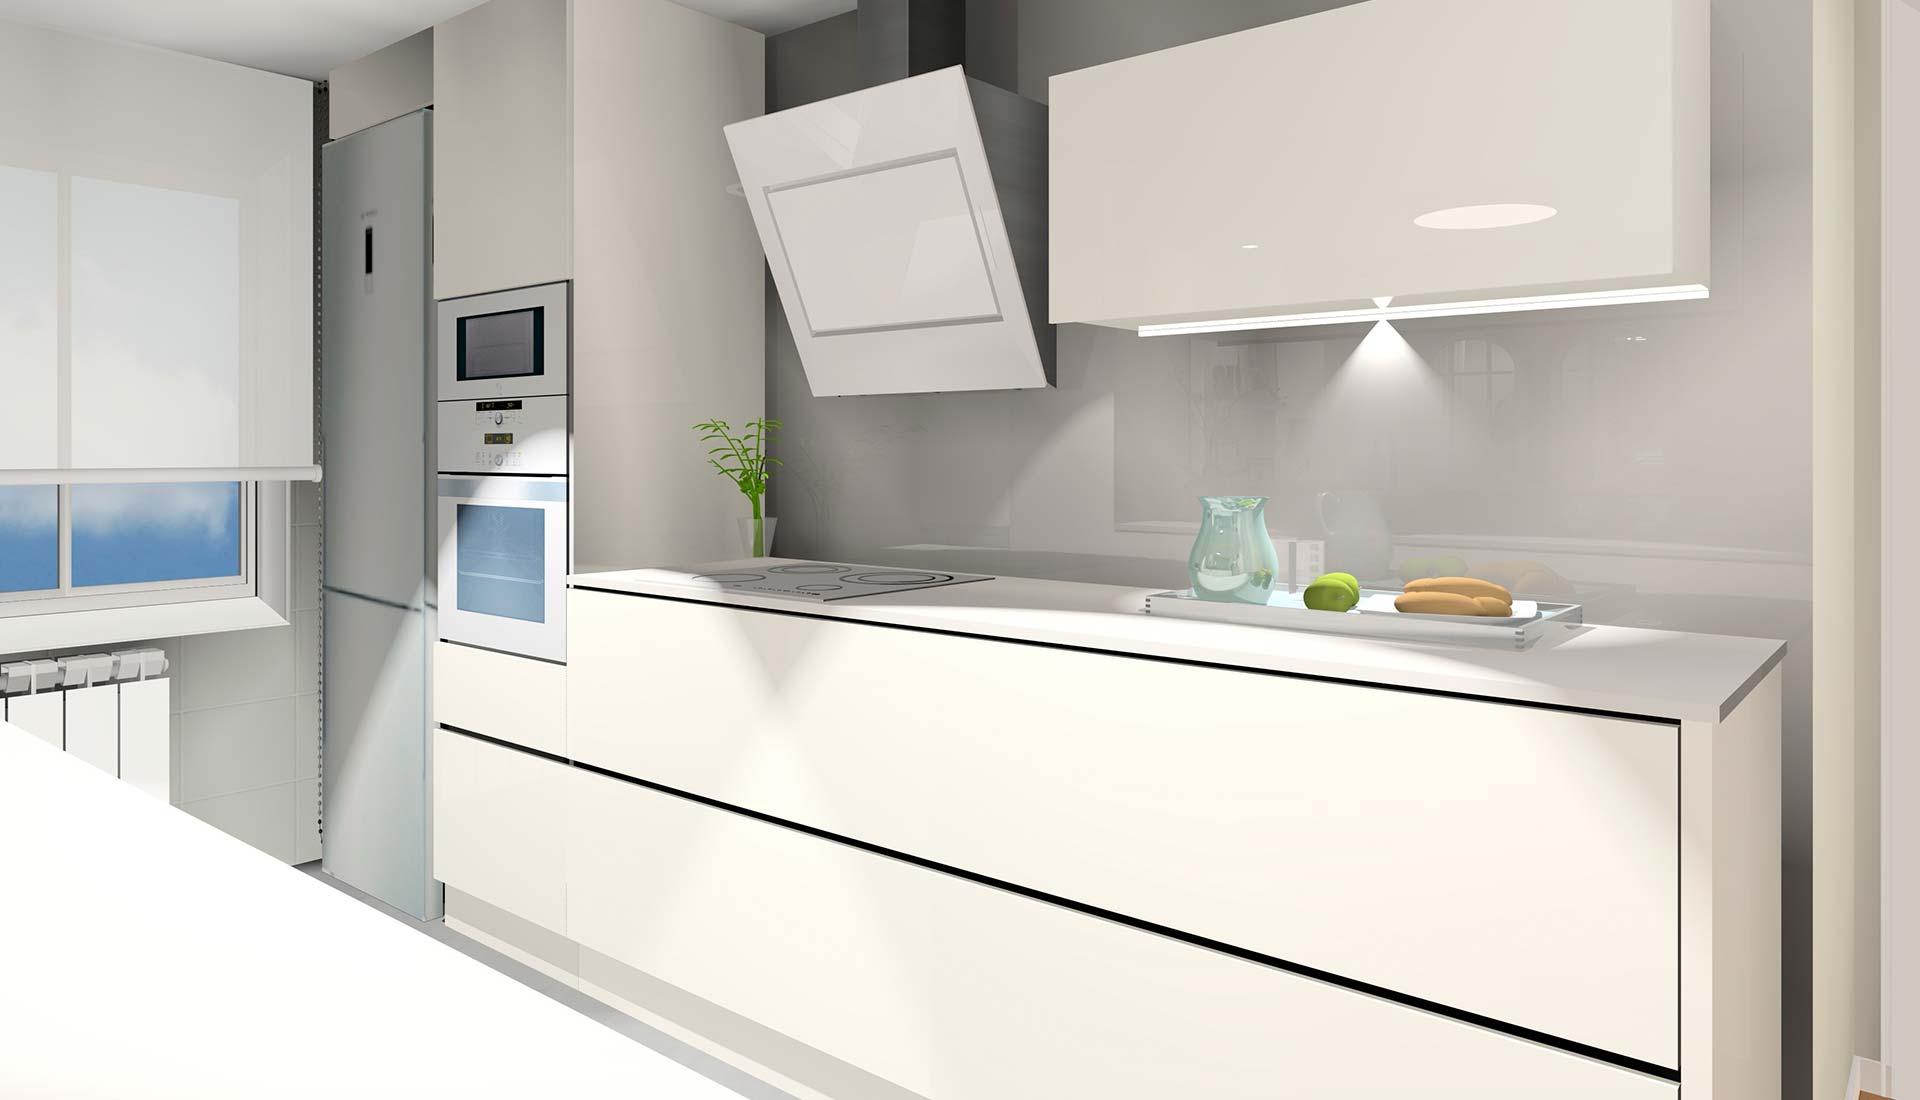 decoración interiores 3d cocina